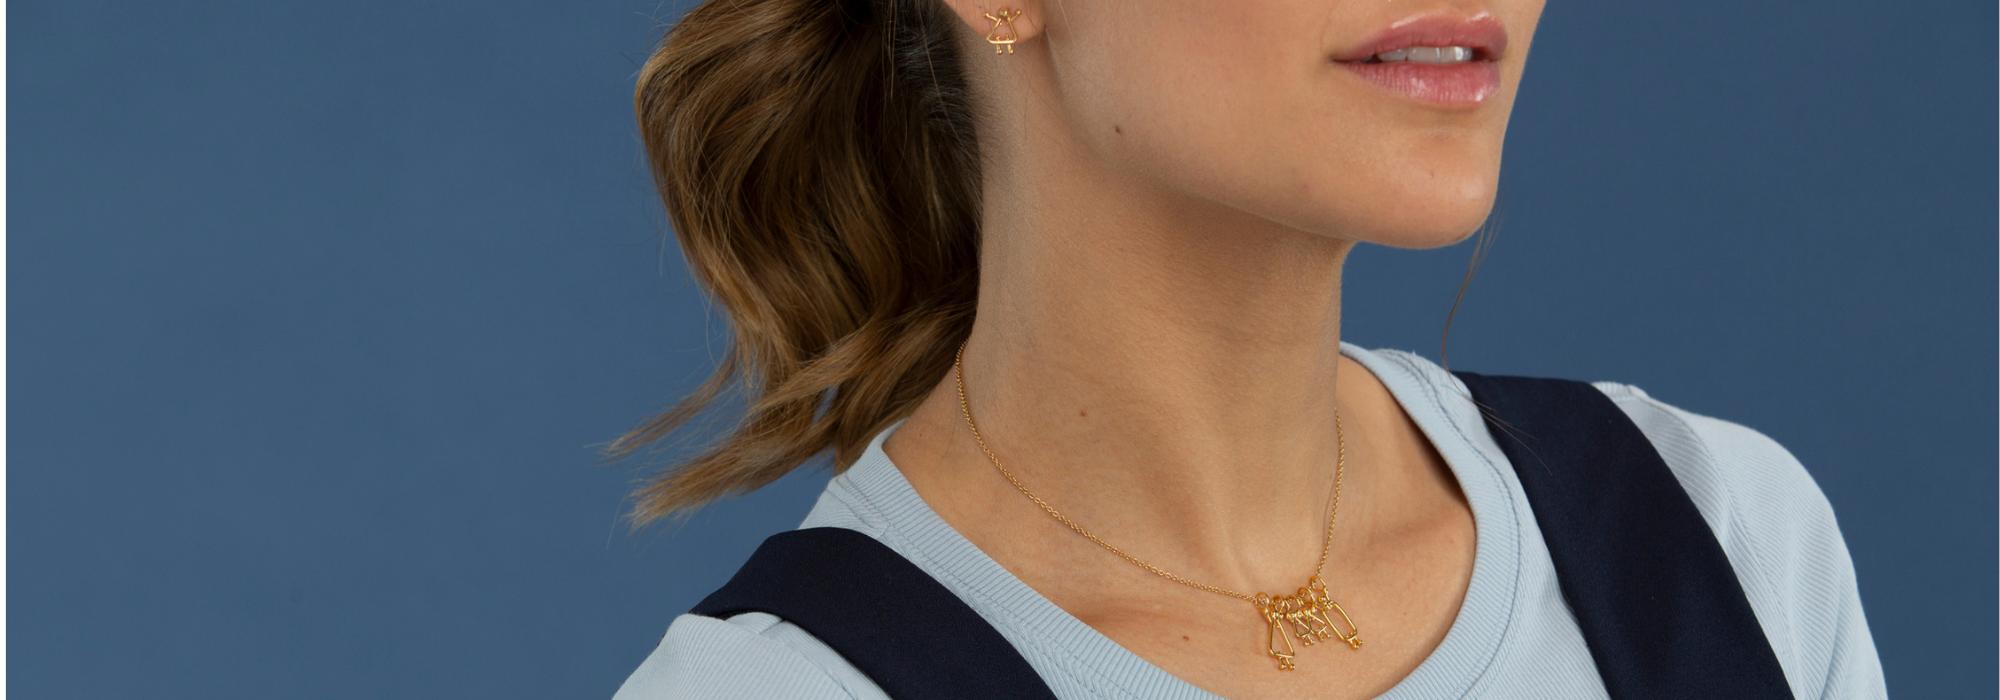 personnalisables - Choisis les breloques qui représentent ta famille. Crée ton bijou porte-bonheur.